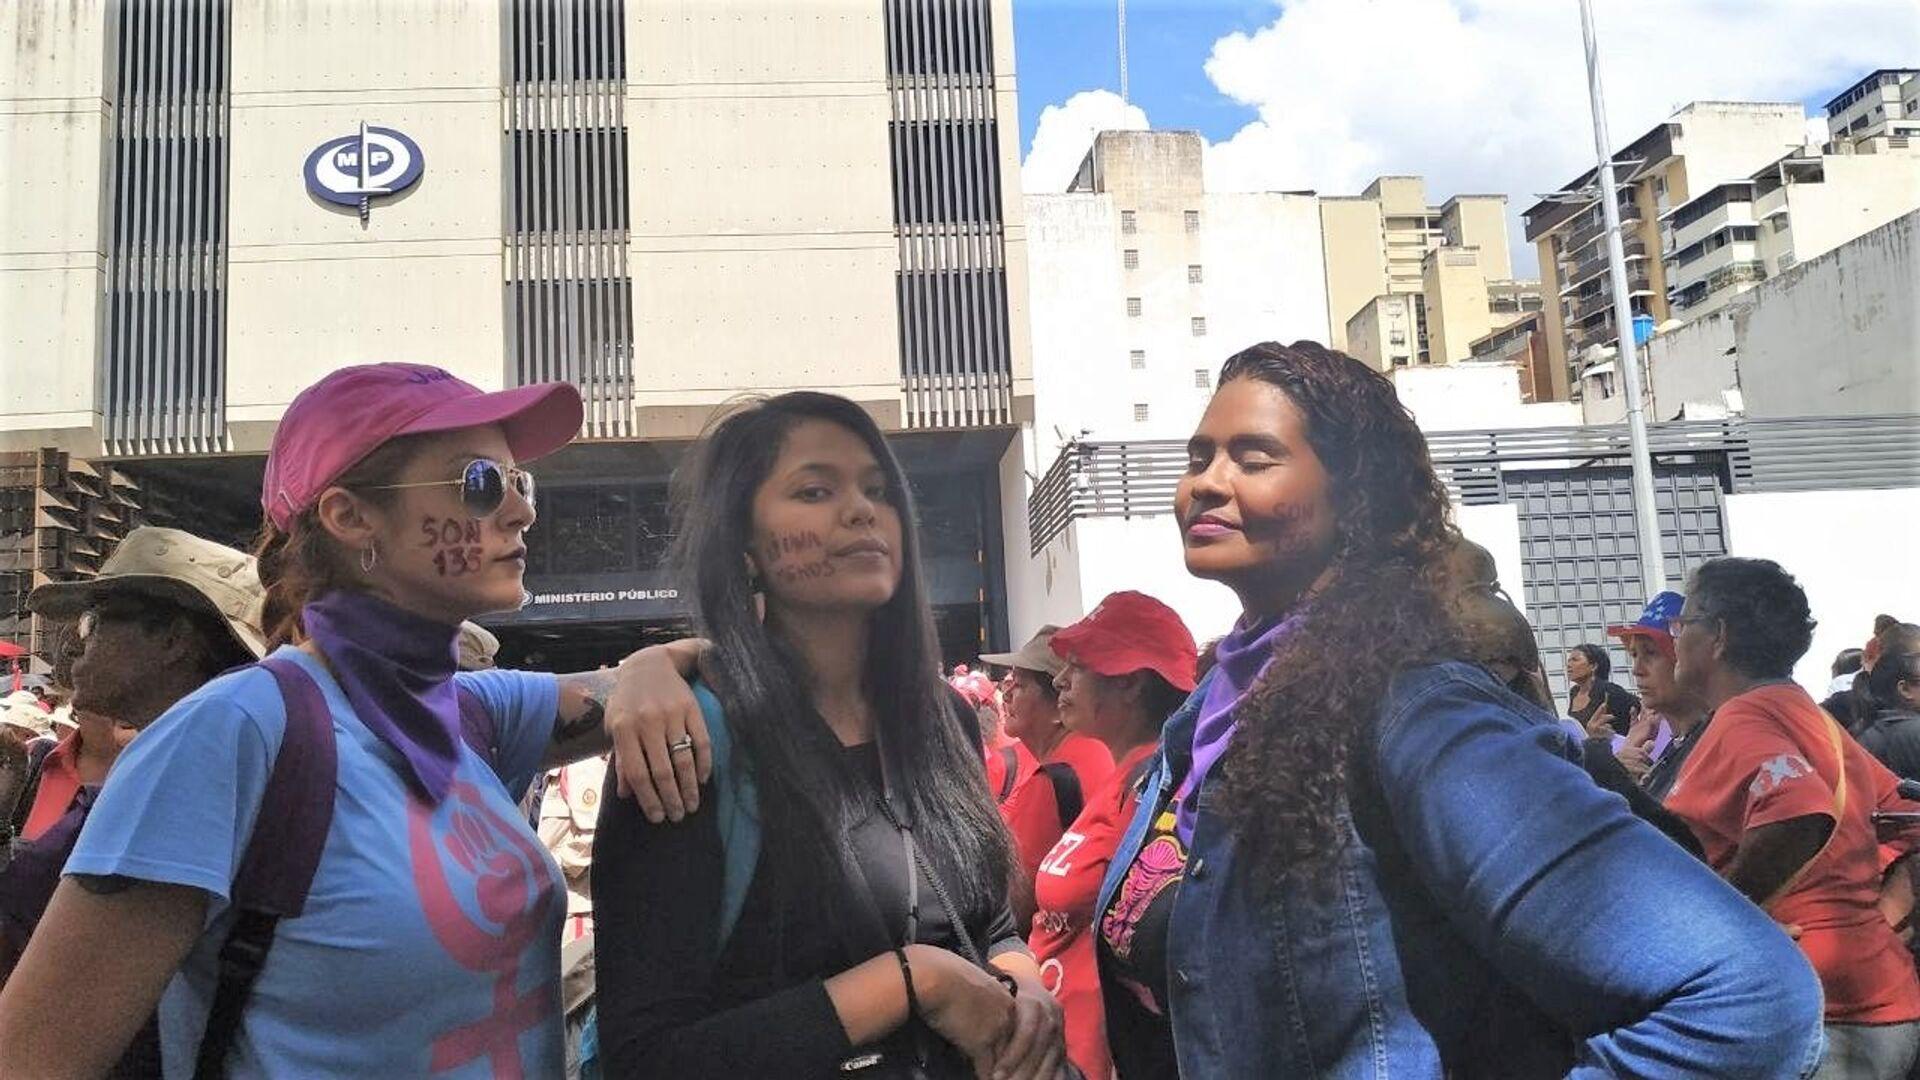 Marcha contra la violencia de género en Caracas, Venezuela - Sputnik Mundo, 1920, 23.04.2021